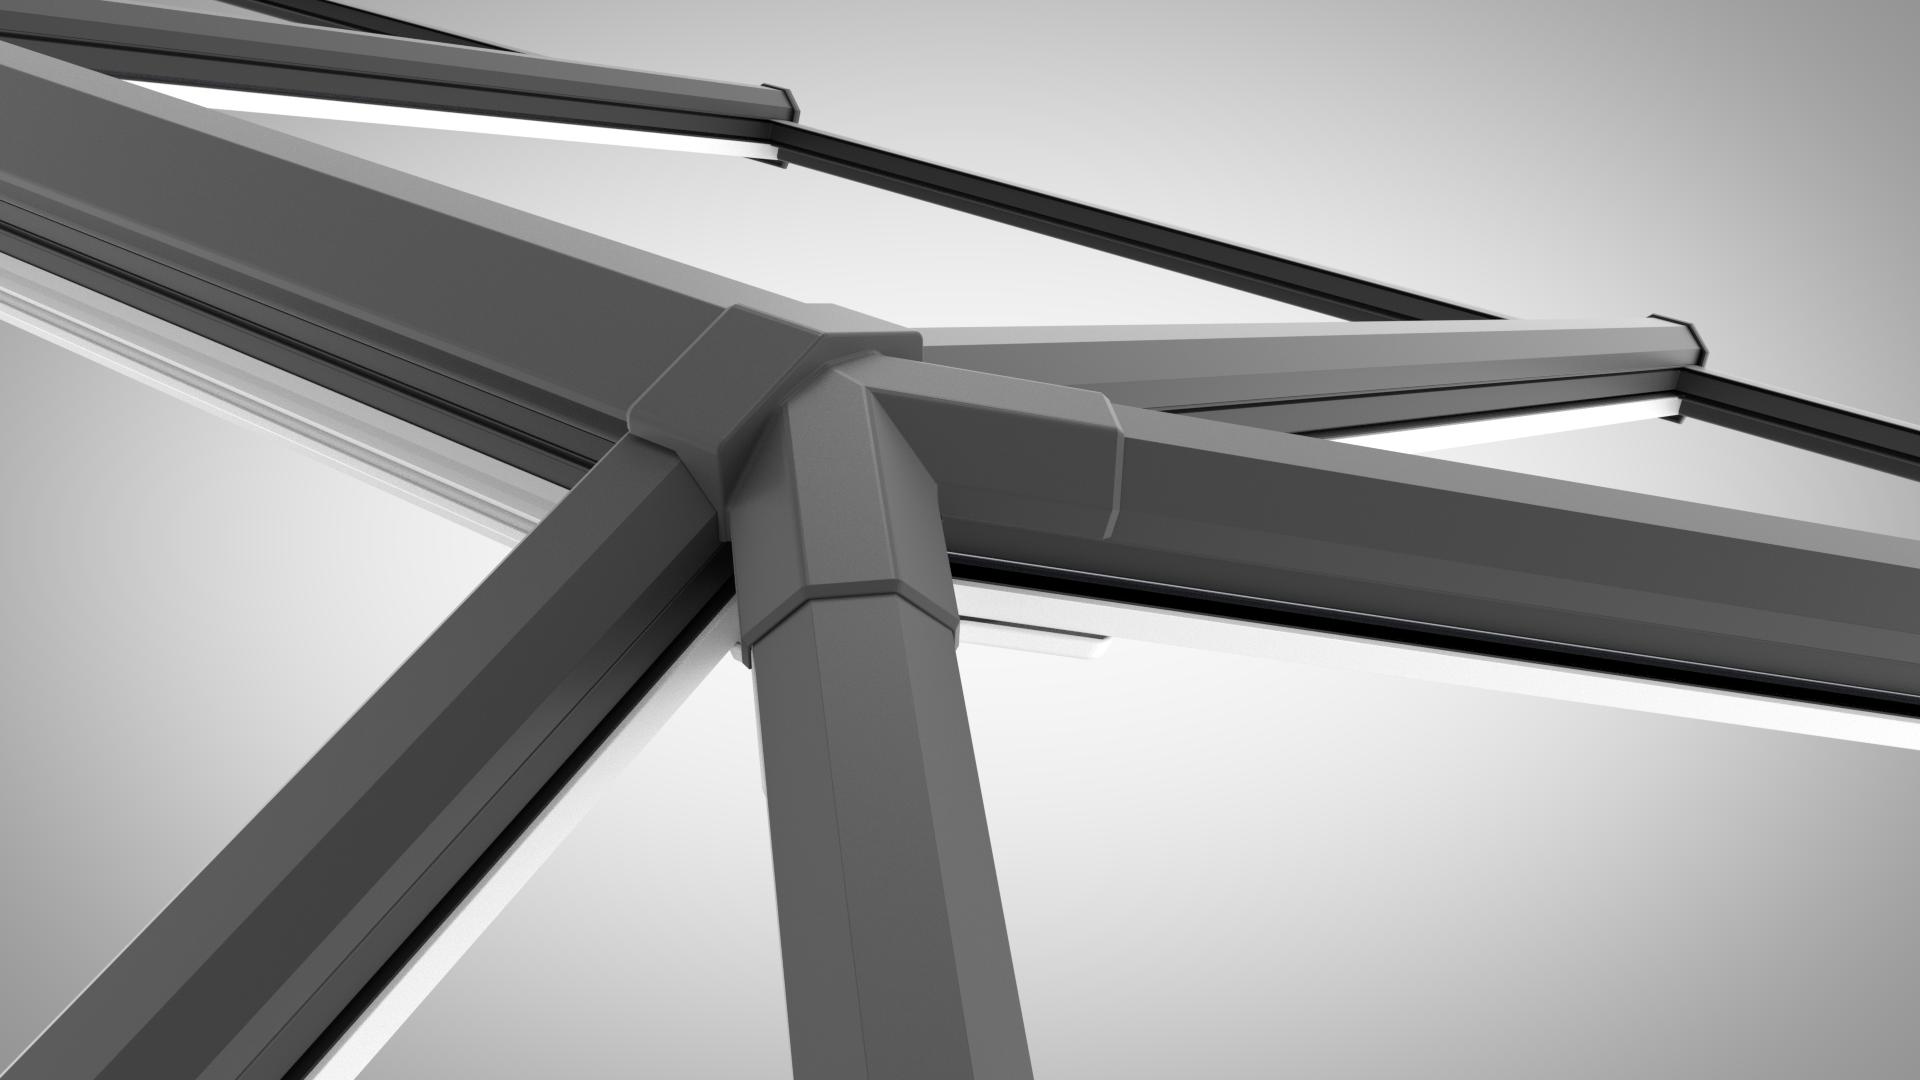 Stratus Aluminium Roof Lantern Quote